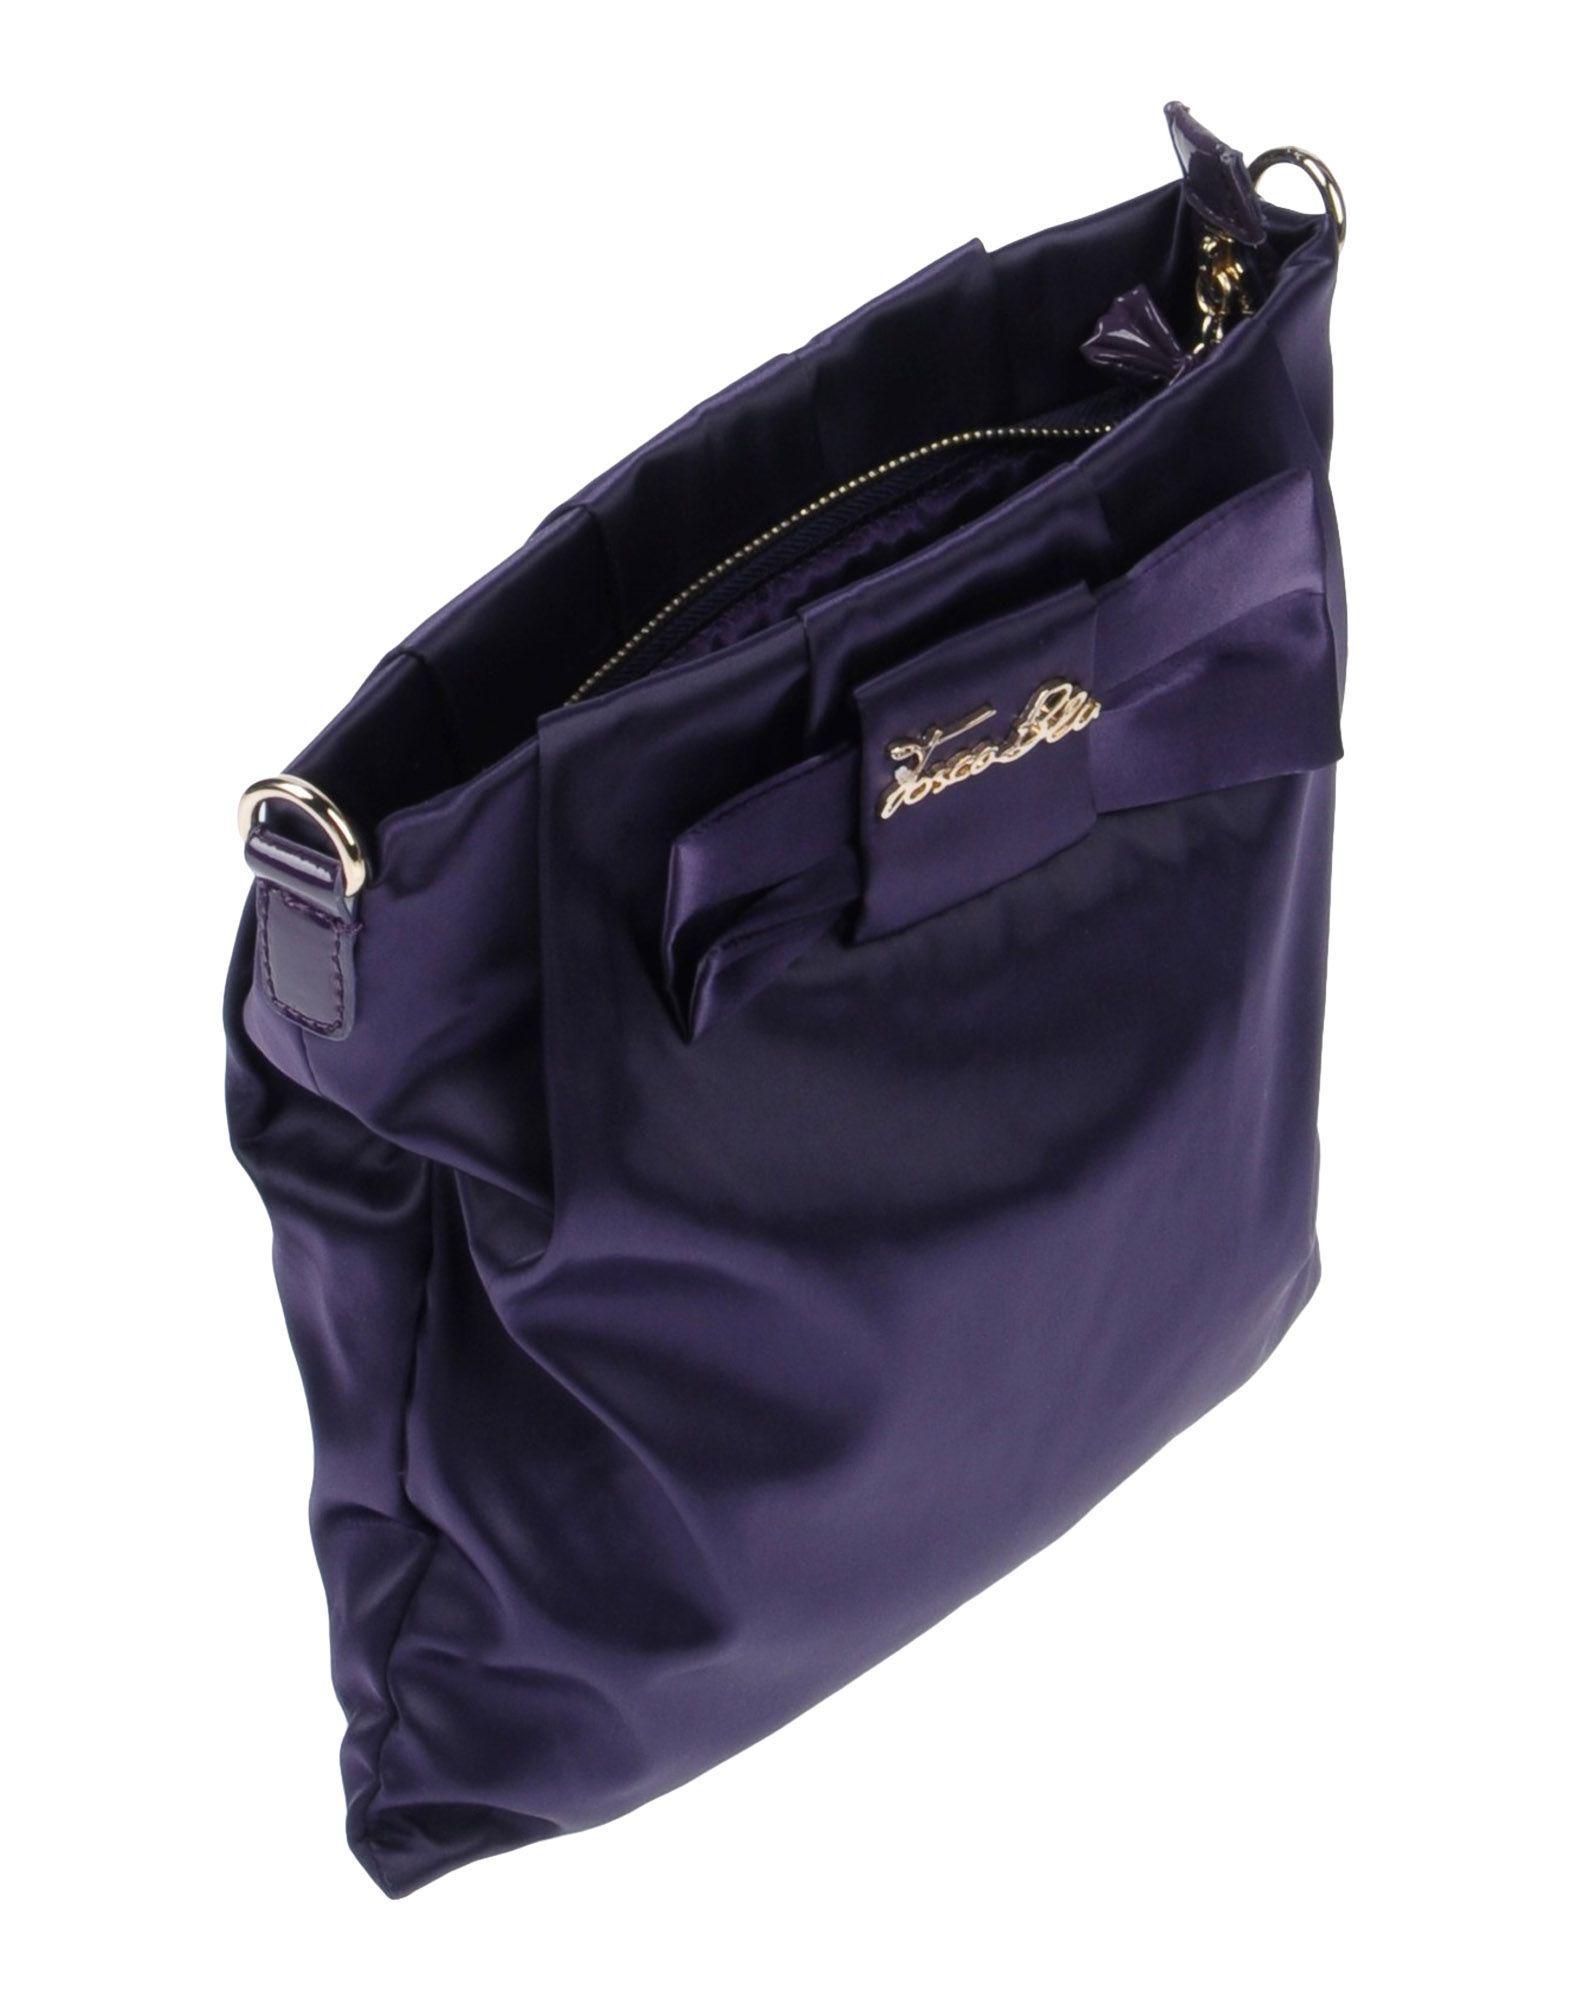 Tosca Blu Cross-body Bag in Purple